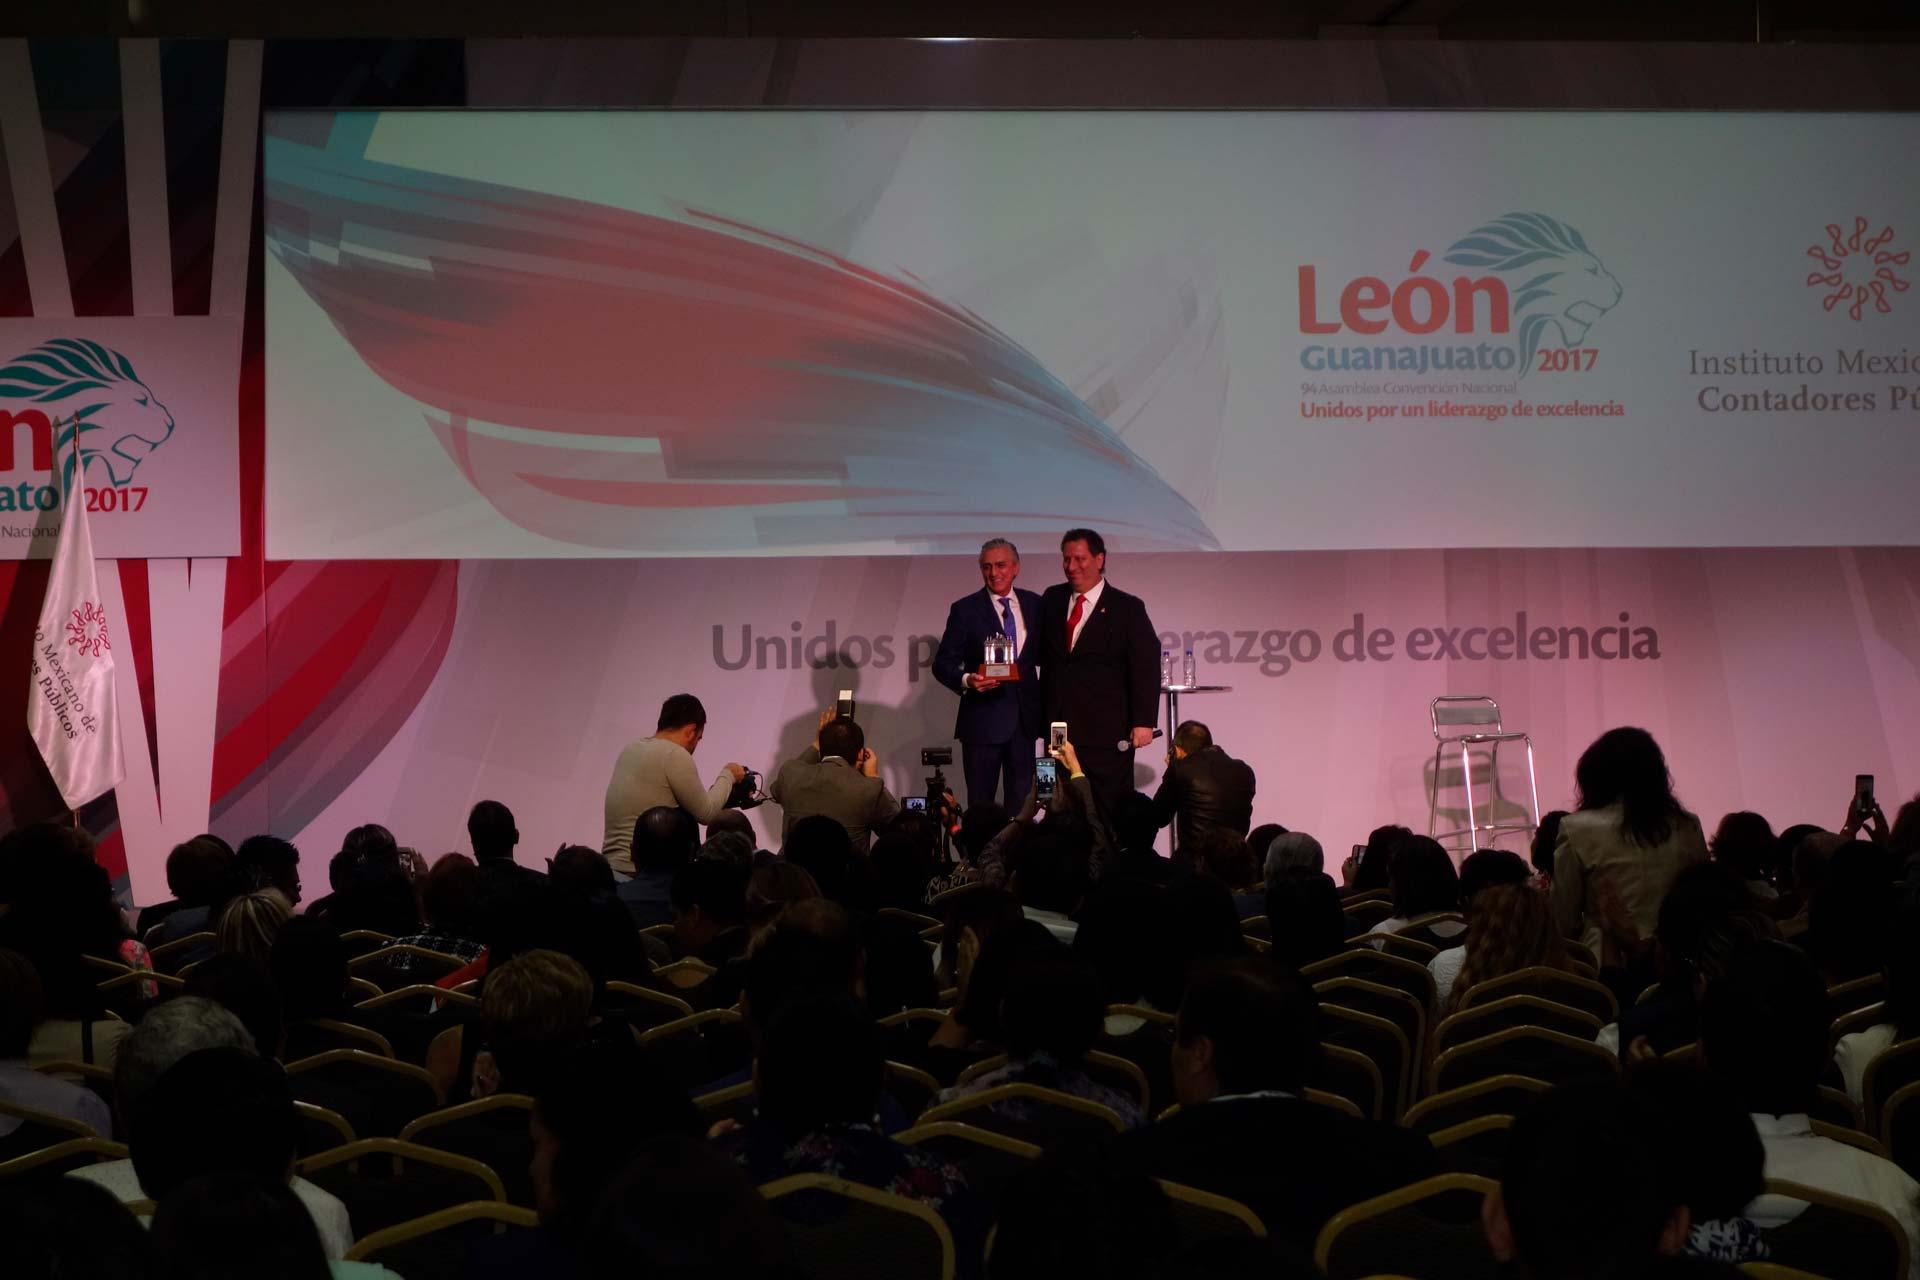 <h3>Dr. Alfonso Ruiz Soto<br /><strong>Conferencia «Semiología de la Productividad Integral»</strong><br />León, GTO. Octubre 26, 2017.</em></h3>